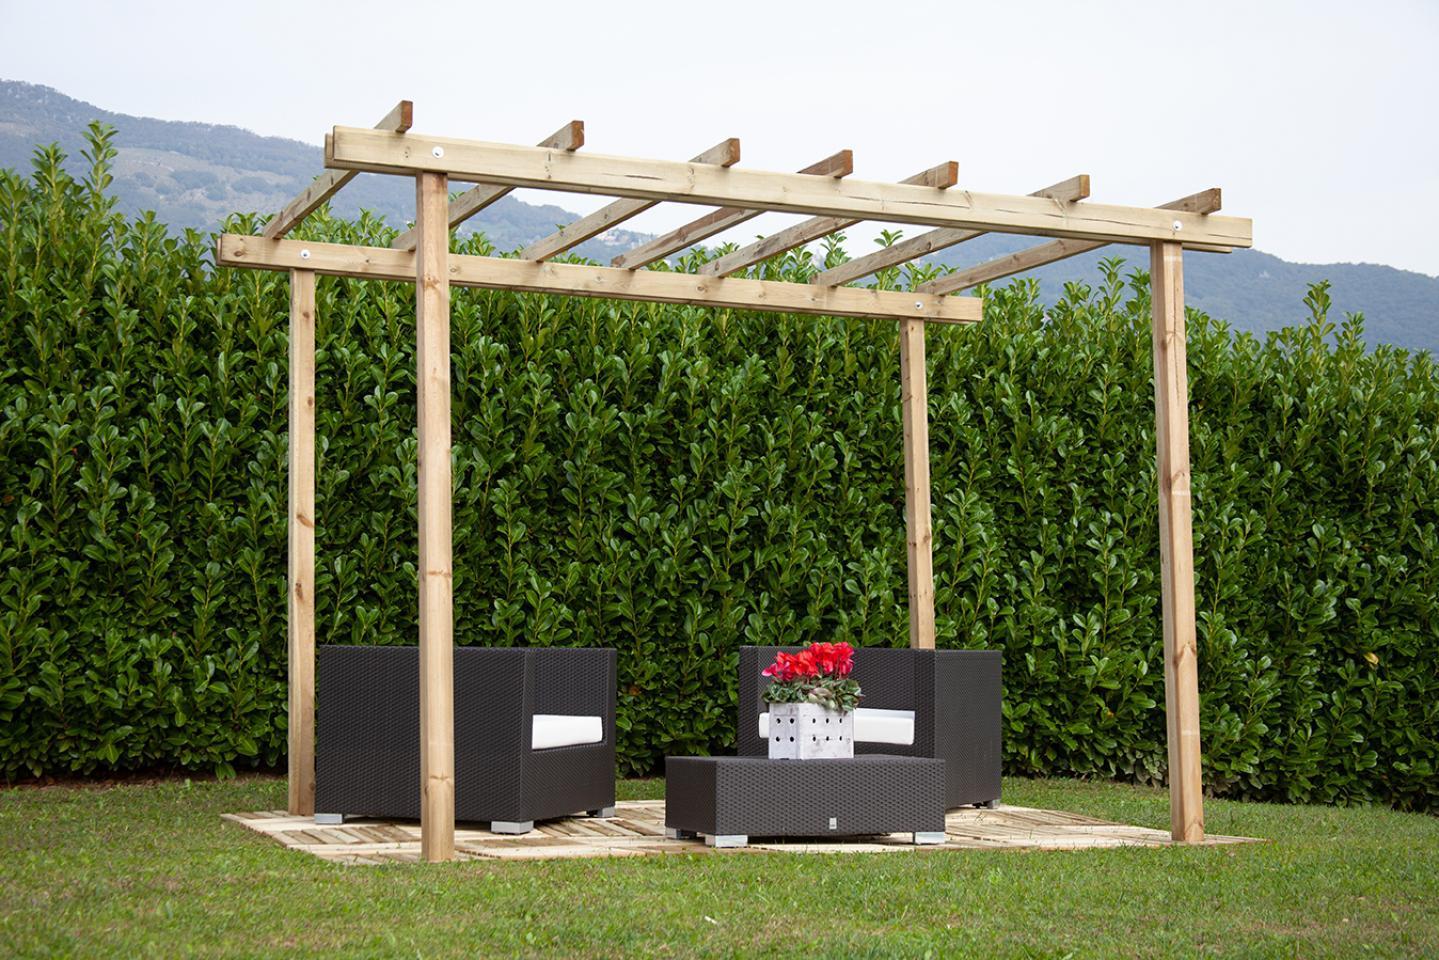 Tende da sole, gazebo e pergole: soluzioni ombreggianti per godersi i propri spazi esterni!